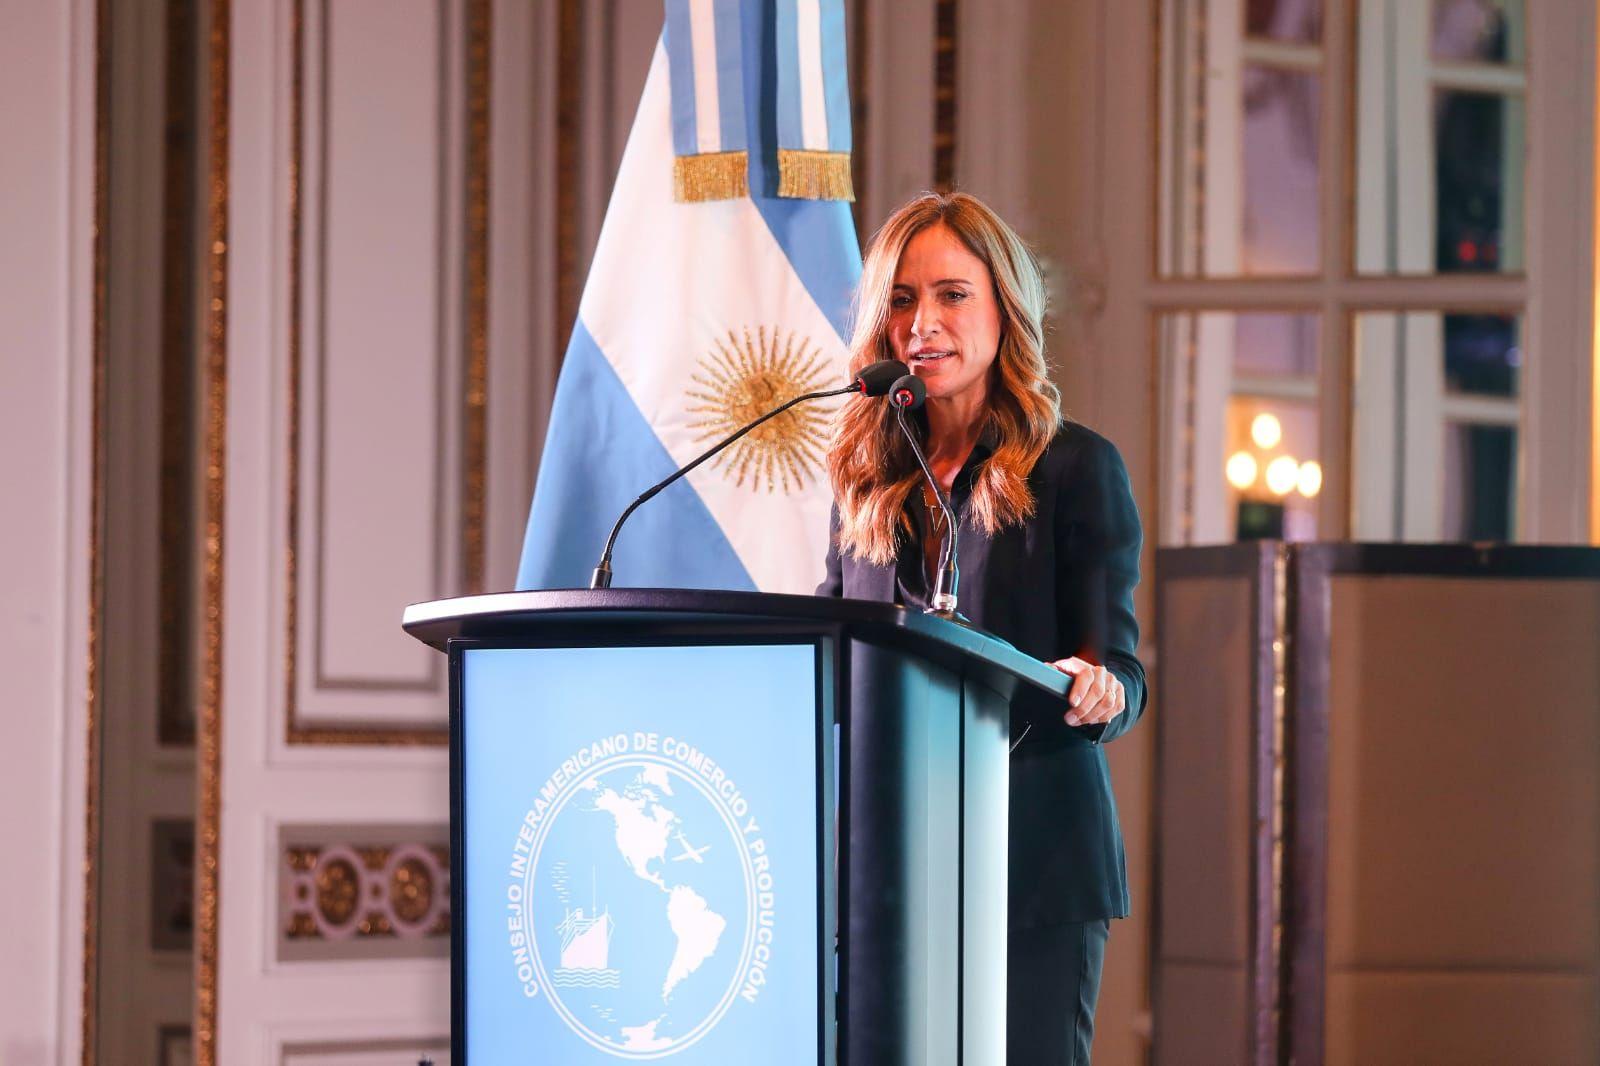 Victoria Tolosa Paz cuestionó a la oposición y afirmó que están pensando en debilitar y hacer un golpe blando.